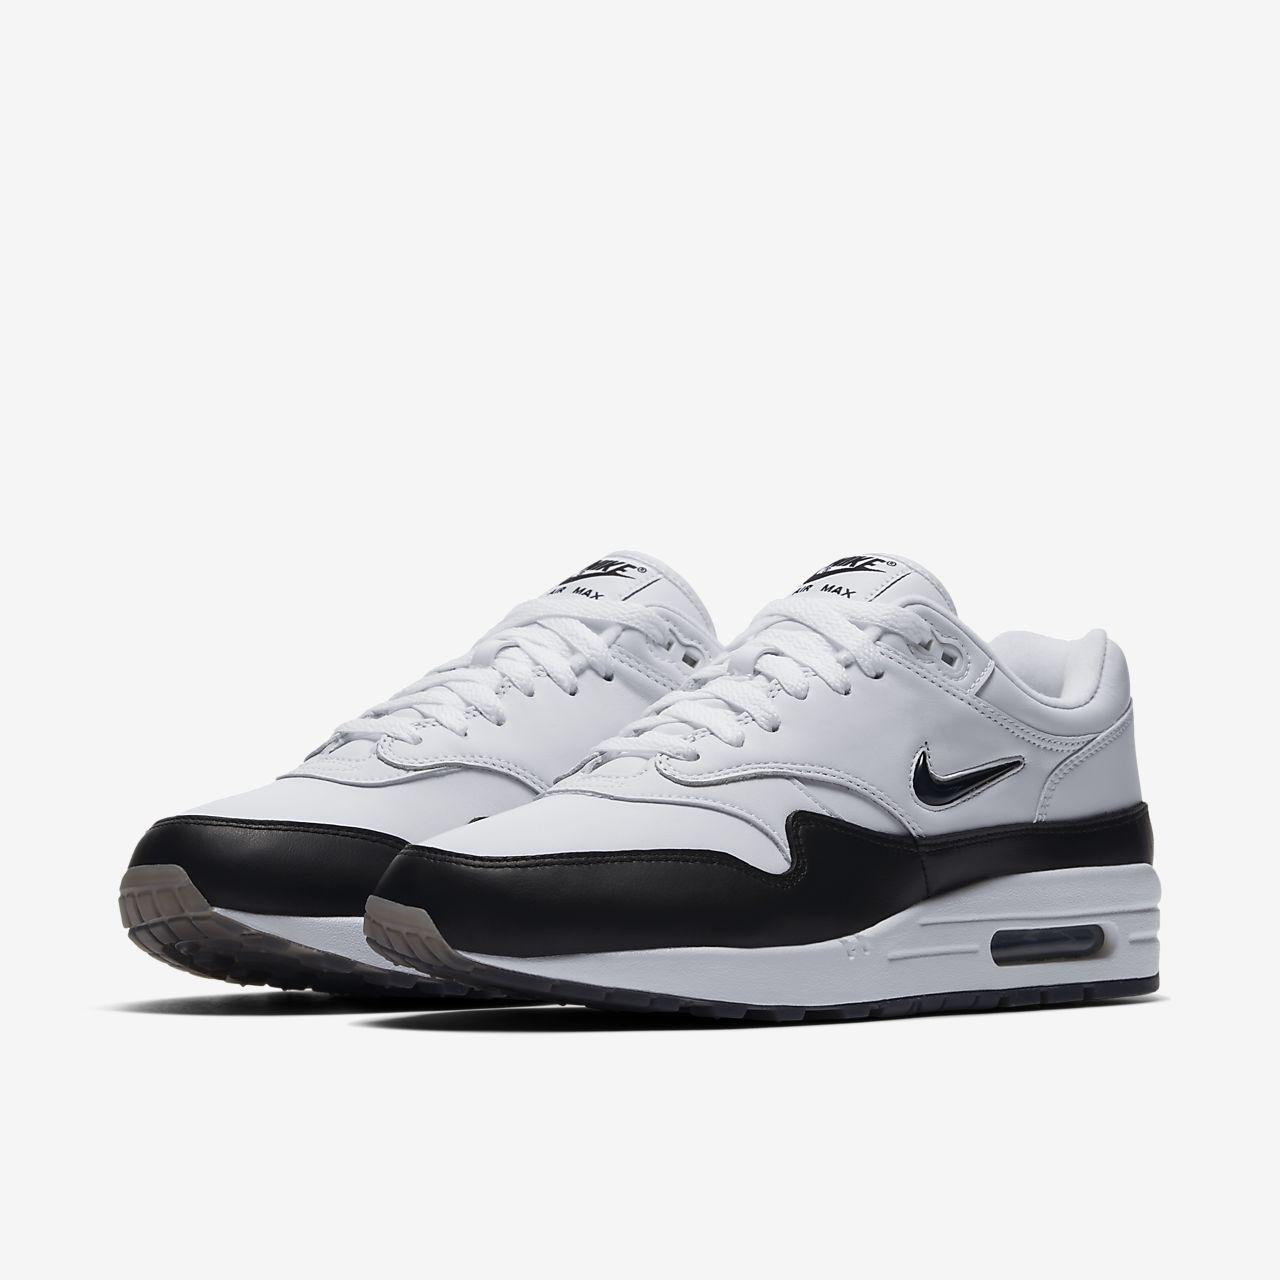 ... Chaussure Nike Air Max 1 Premium SC pour Homme